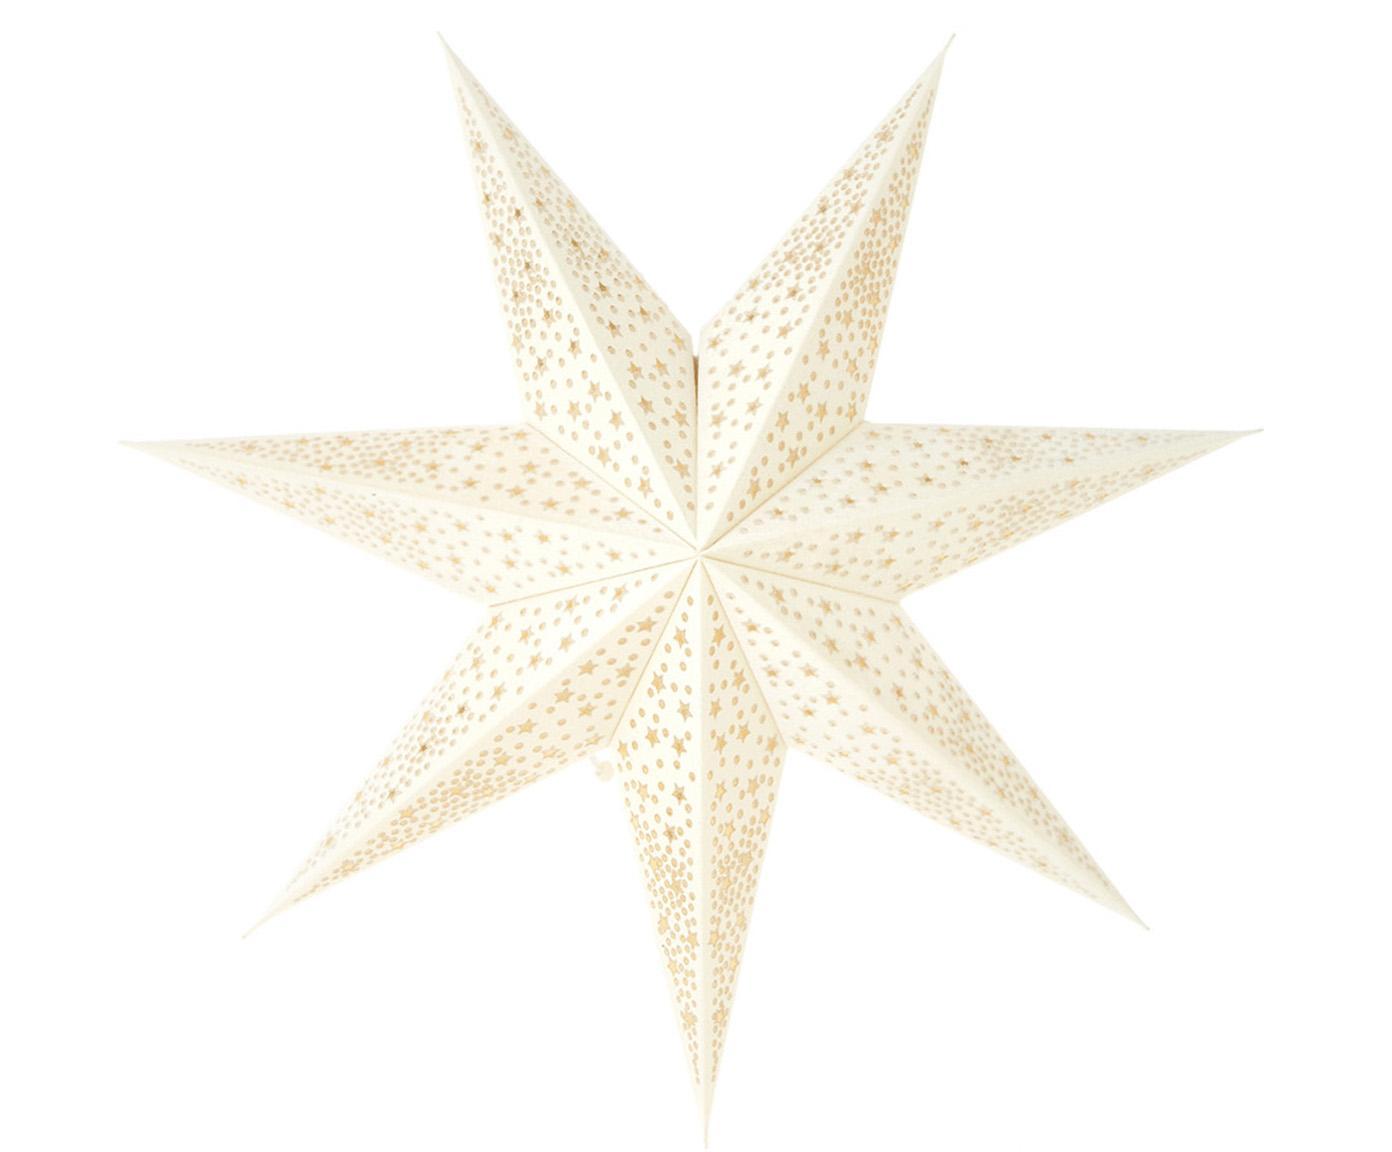 Kerstster Orby, Papier, Wit, Ø 45 cm